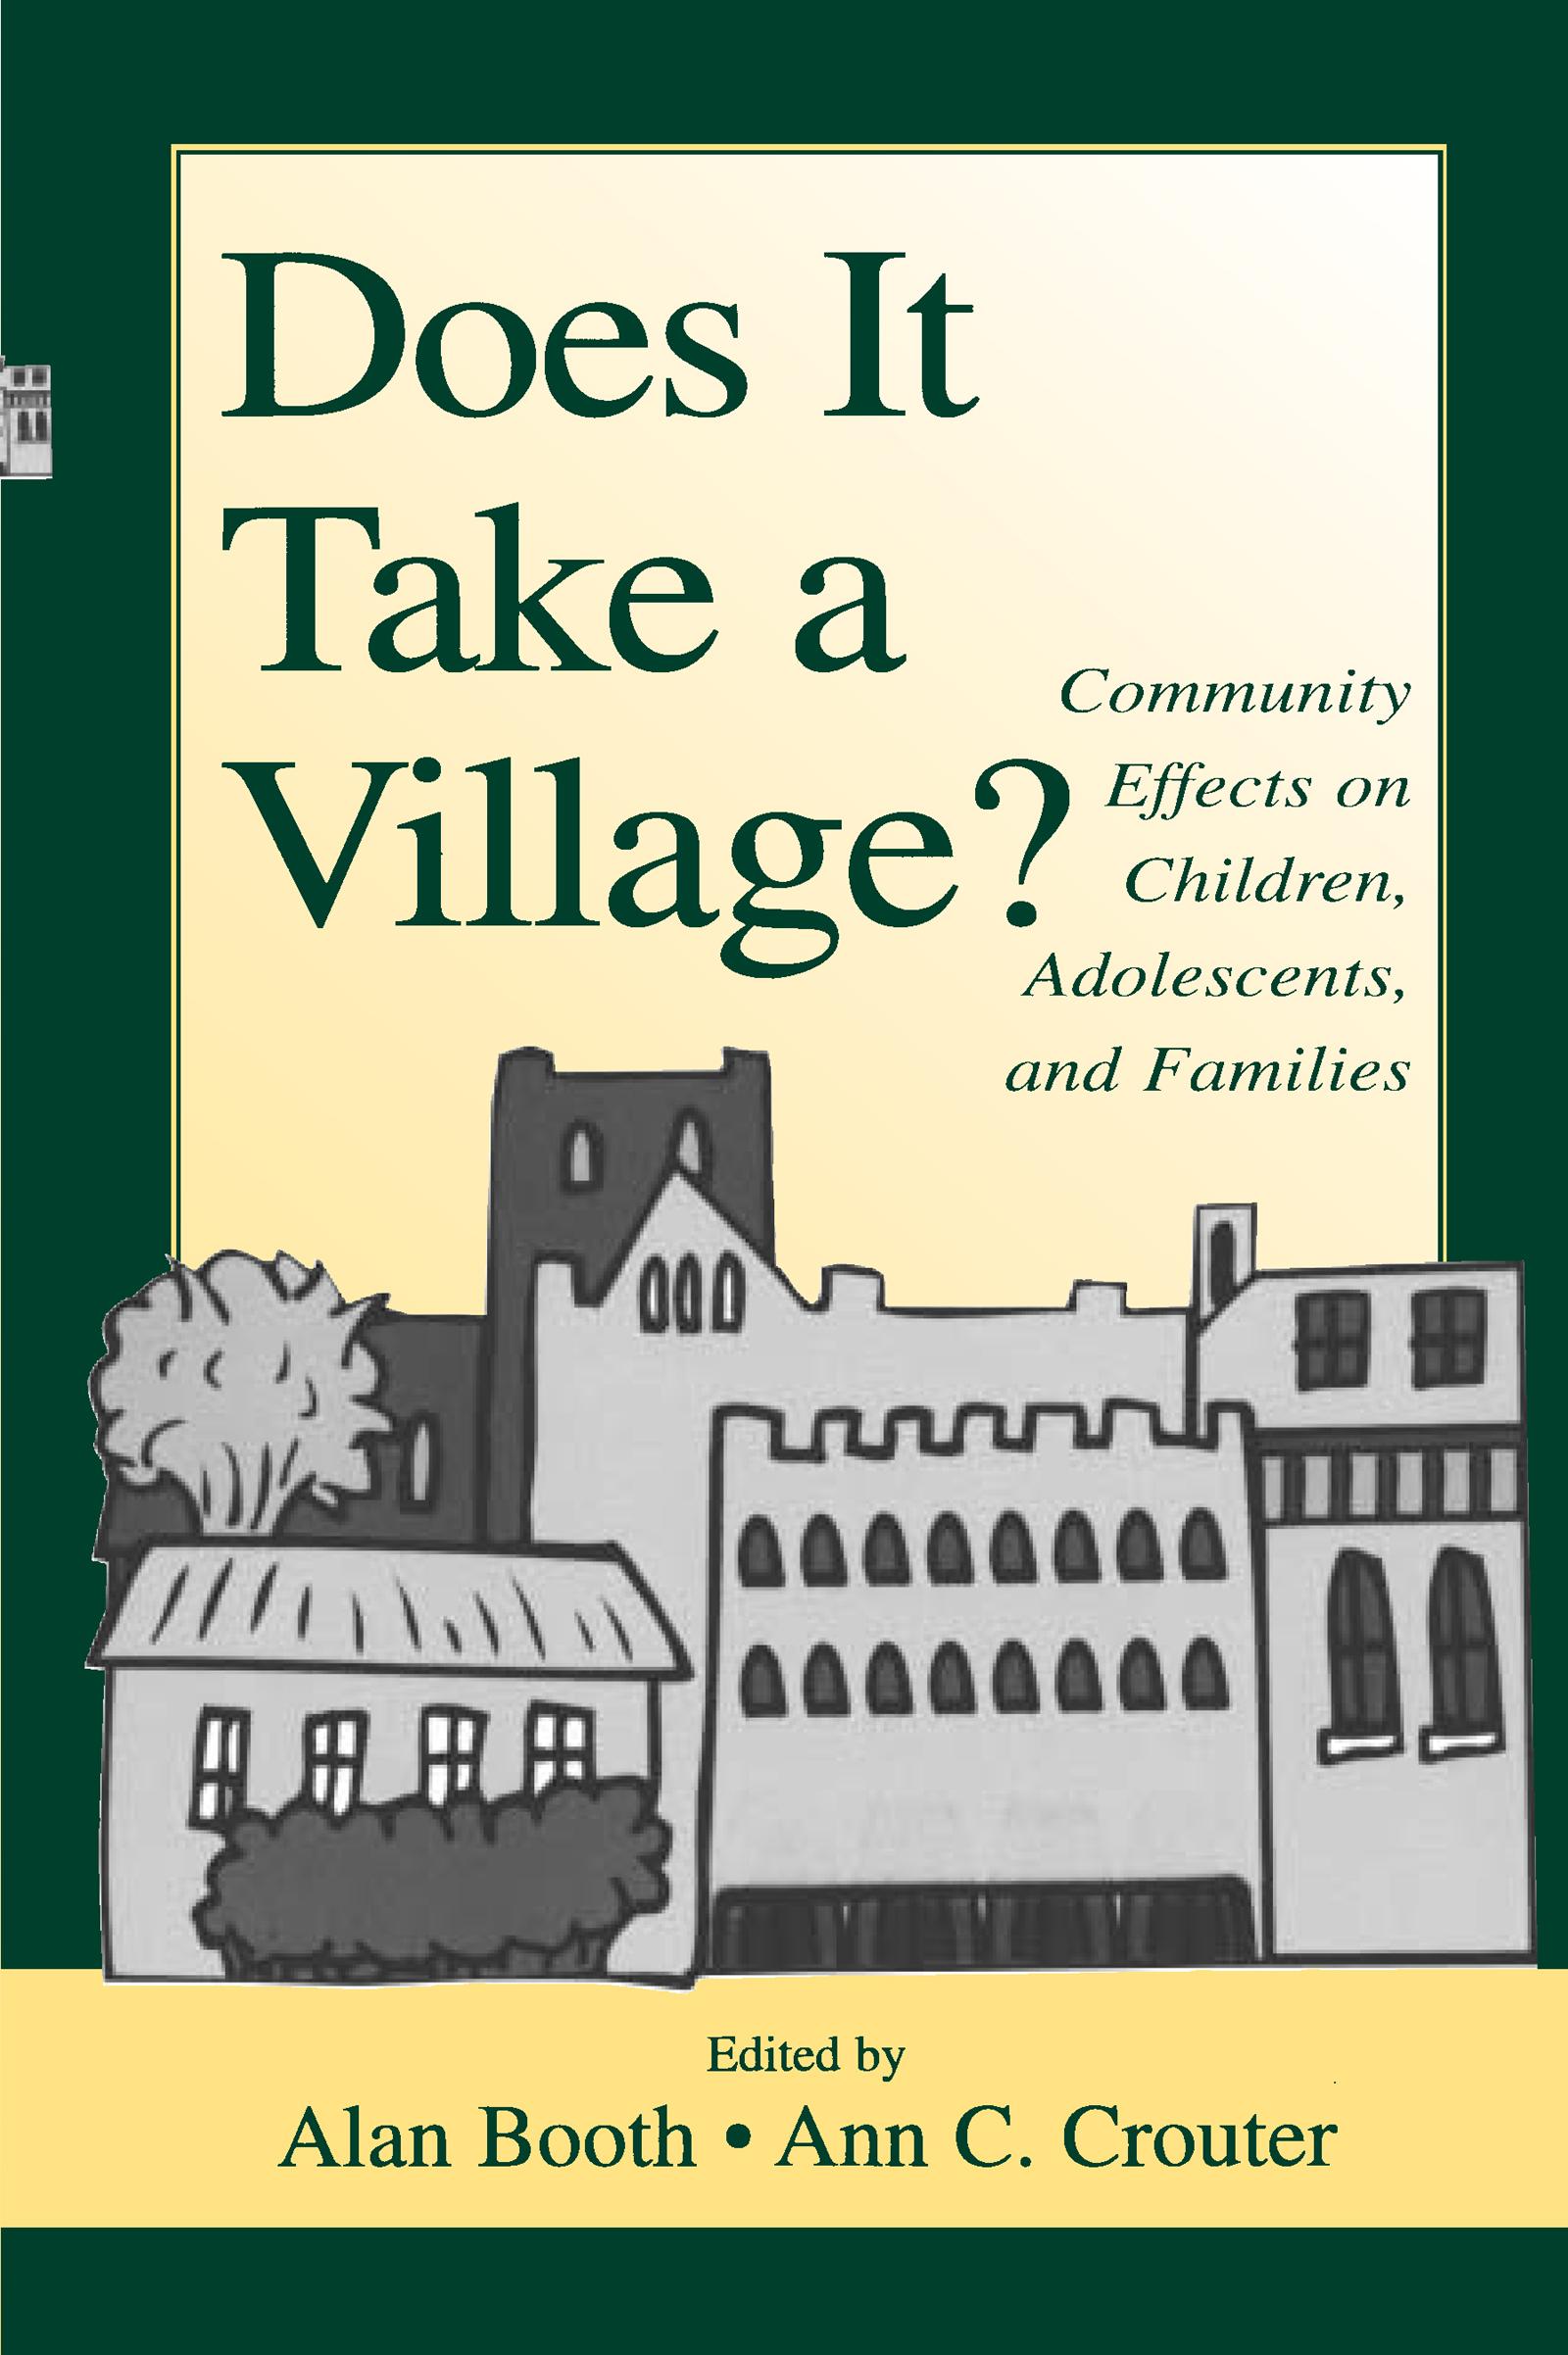 Does It Take A Village?